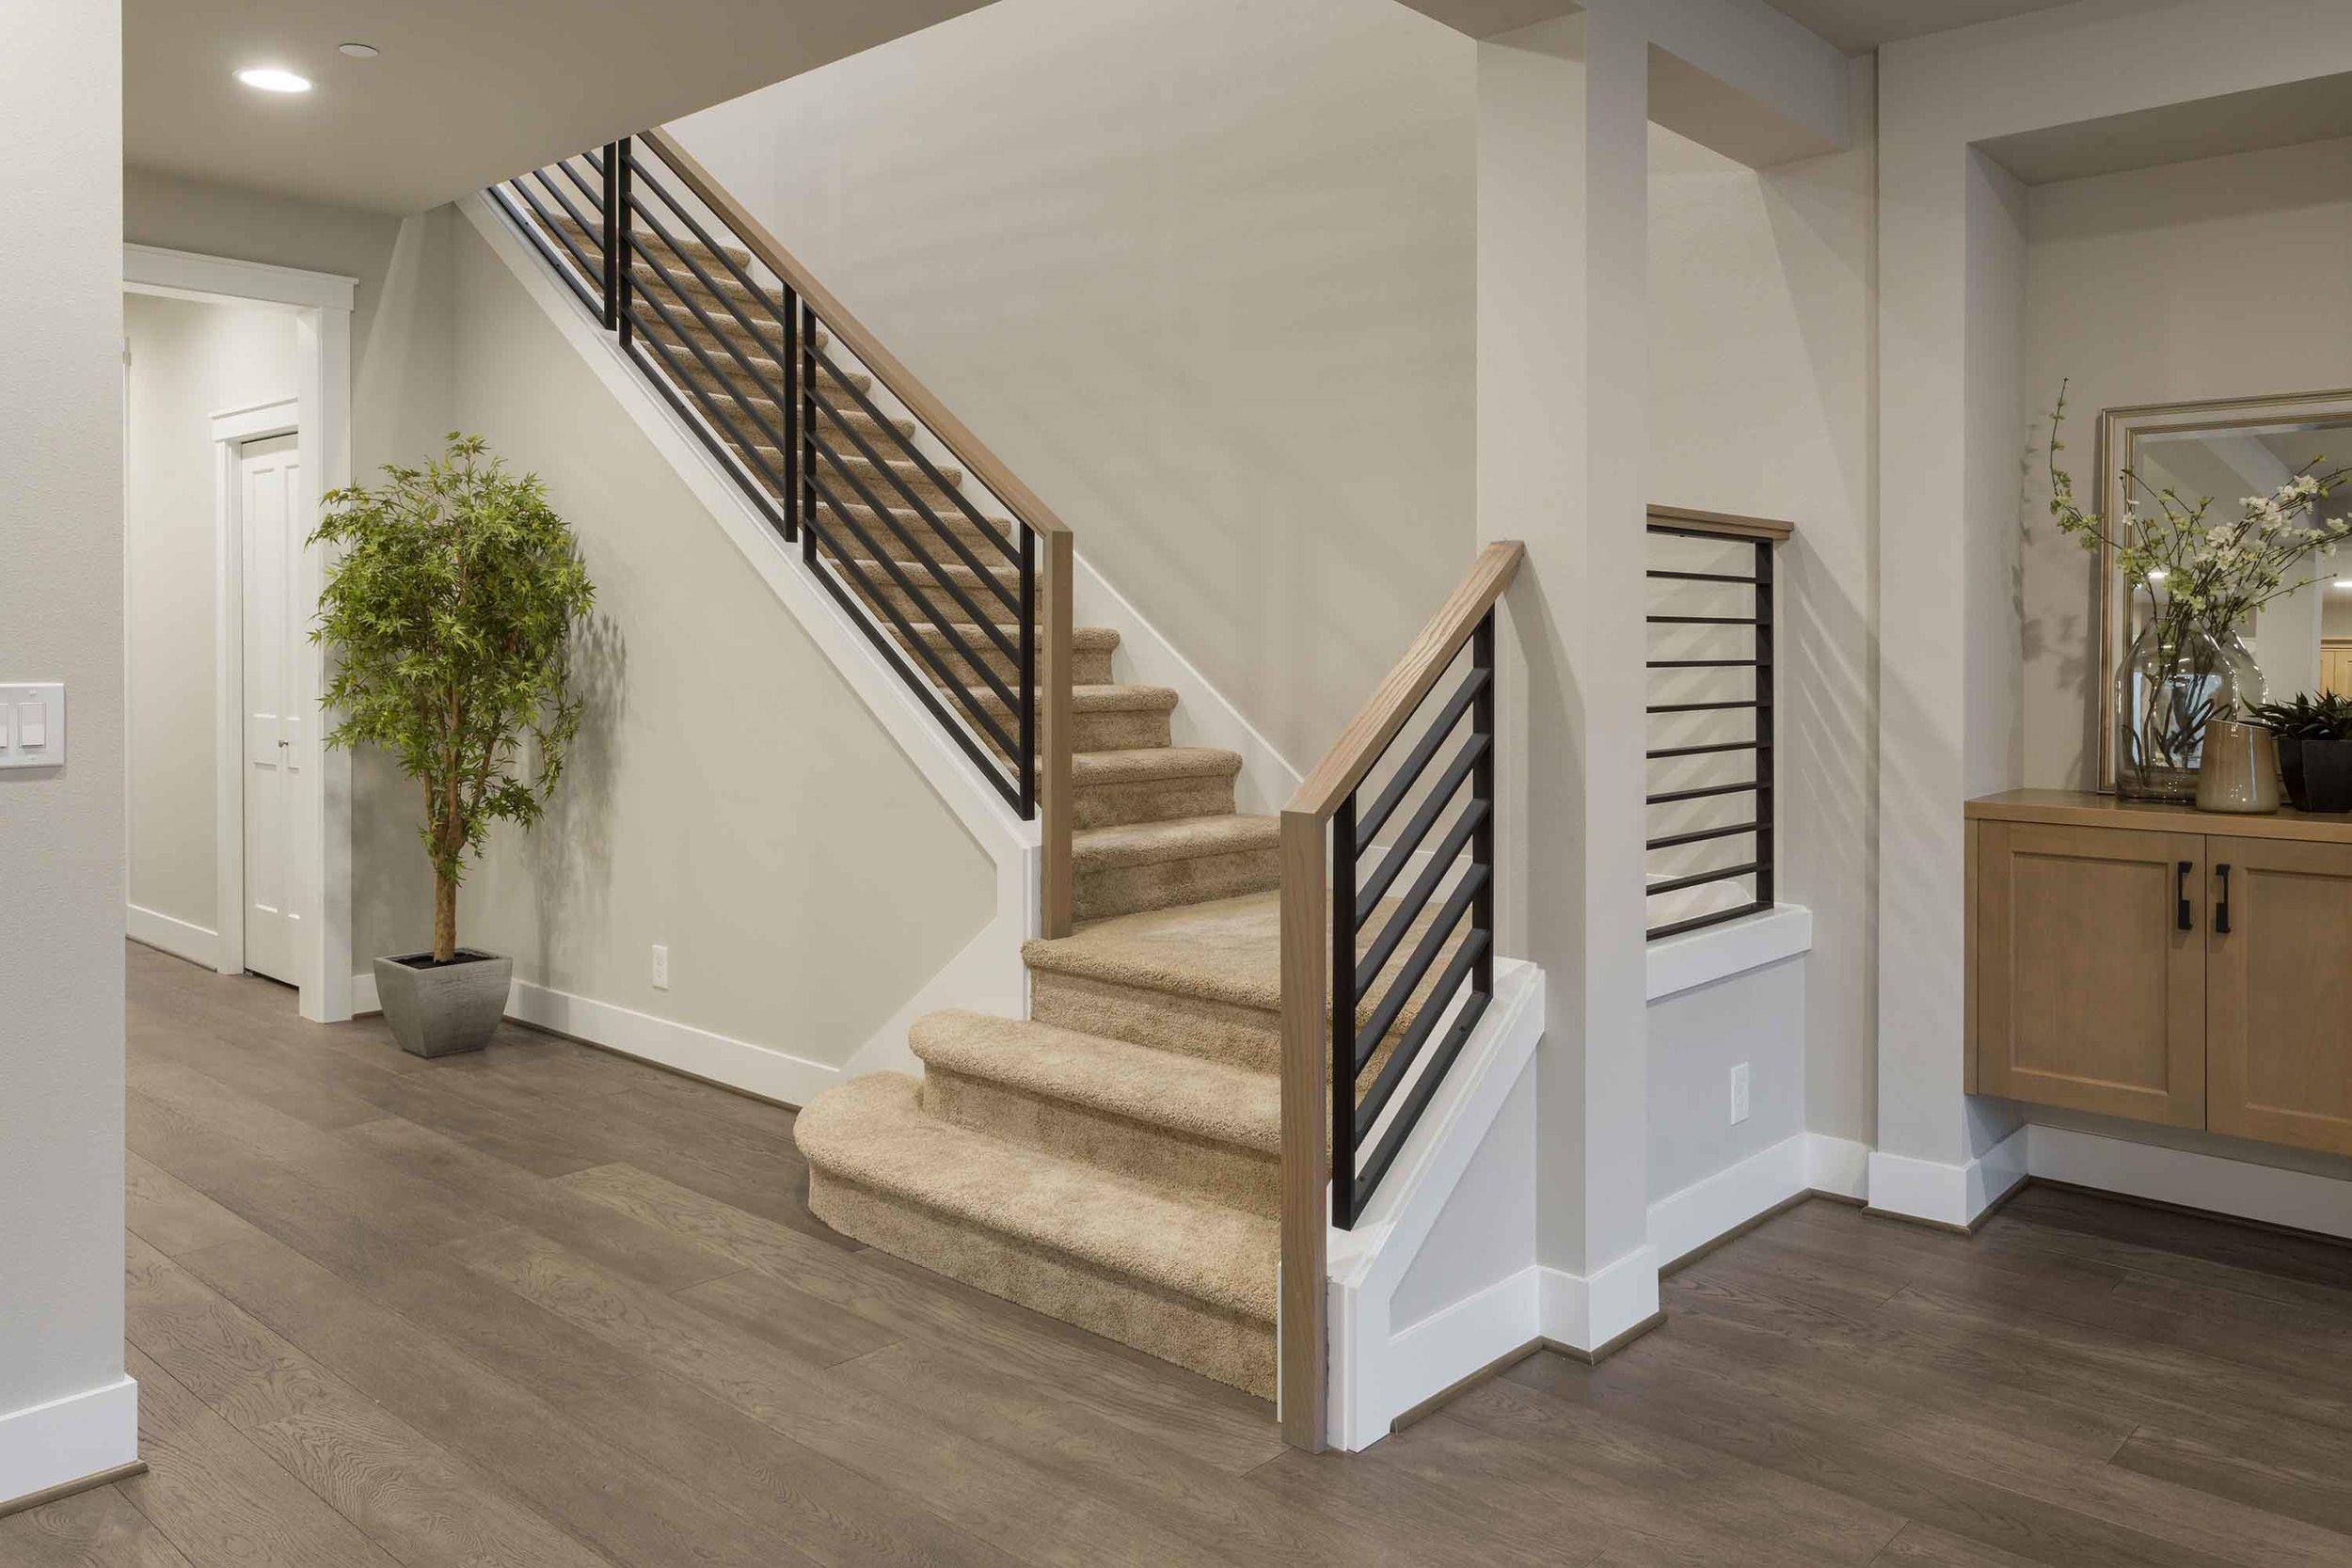 Stair-2dwn.jpg